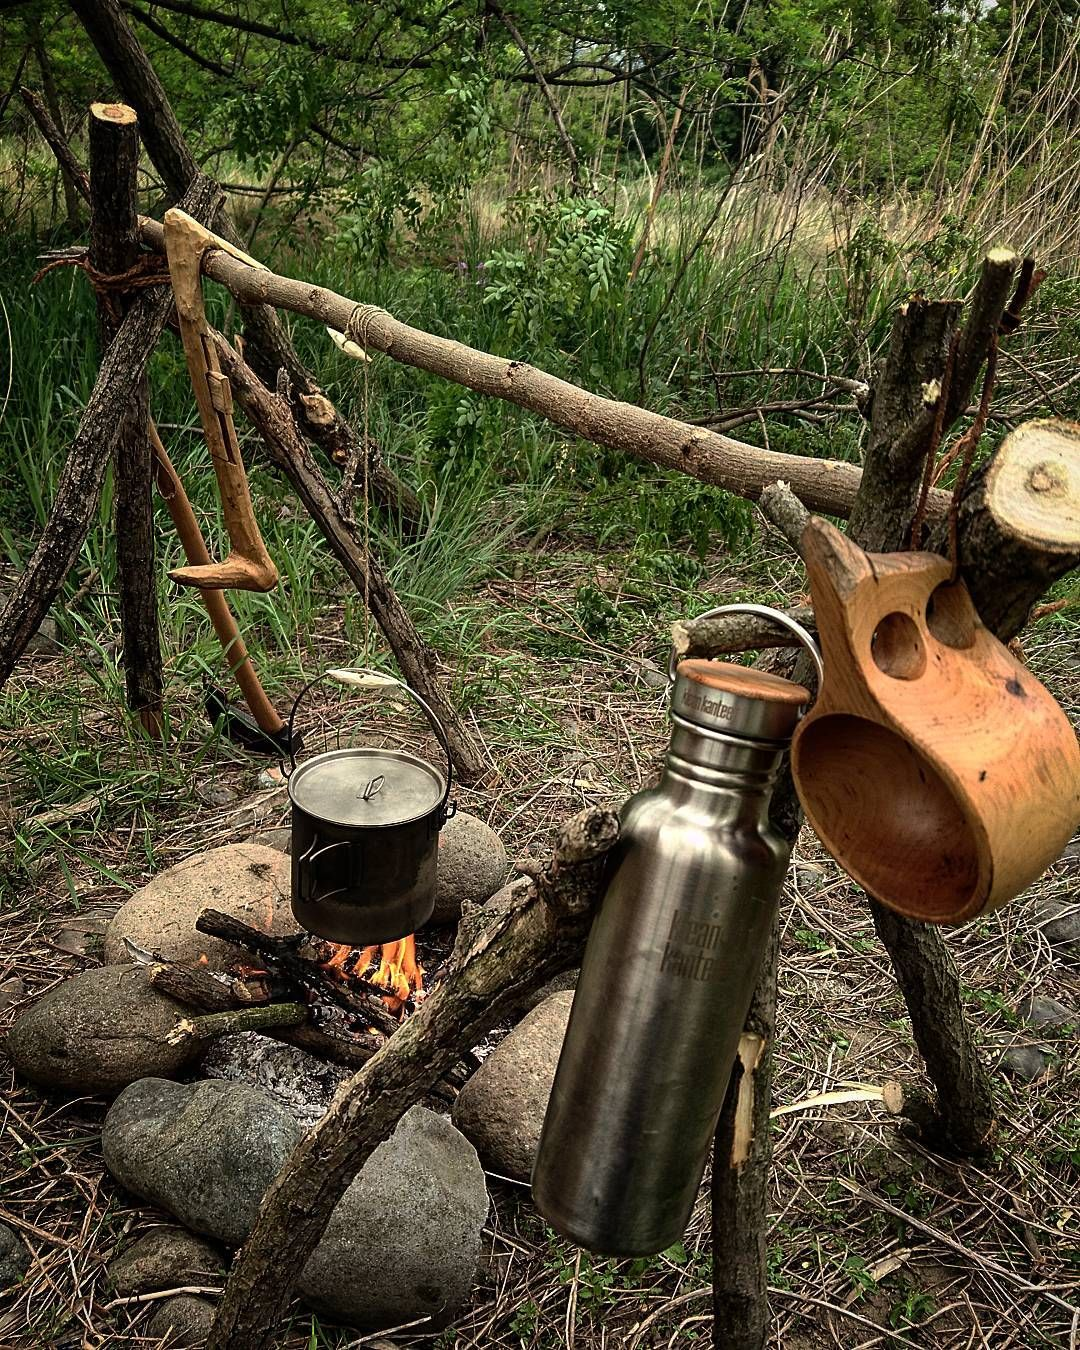 Bushcraft Survival Skills: Pin By Dimitar Pakov On Bushcraft